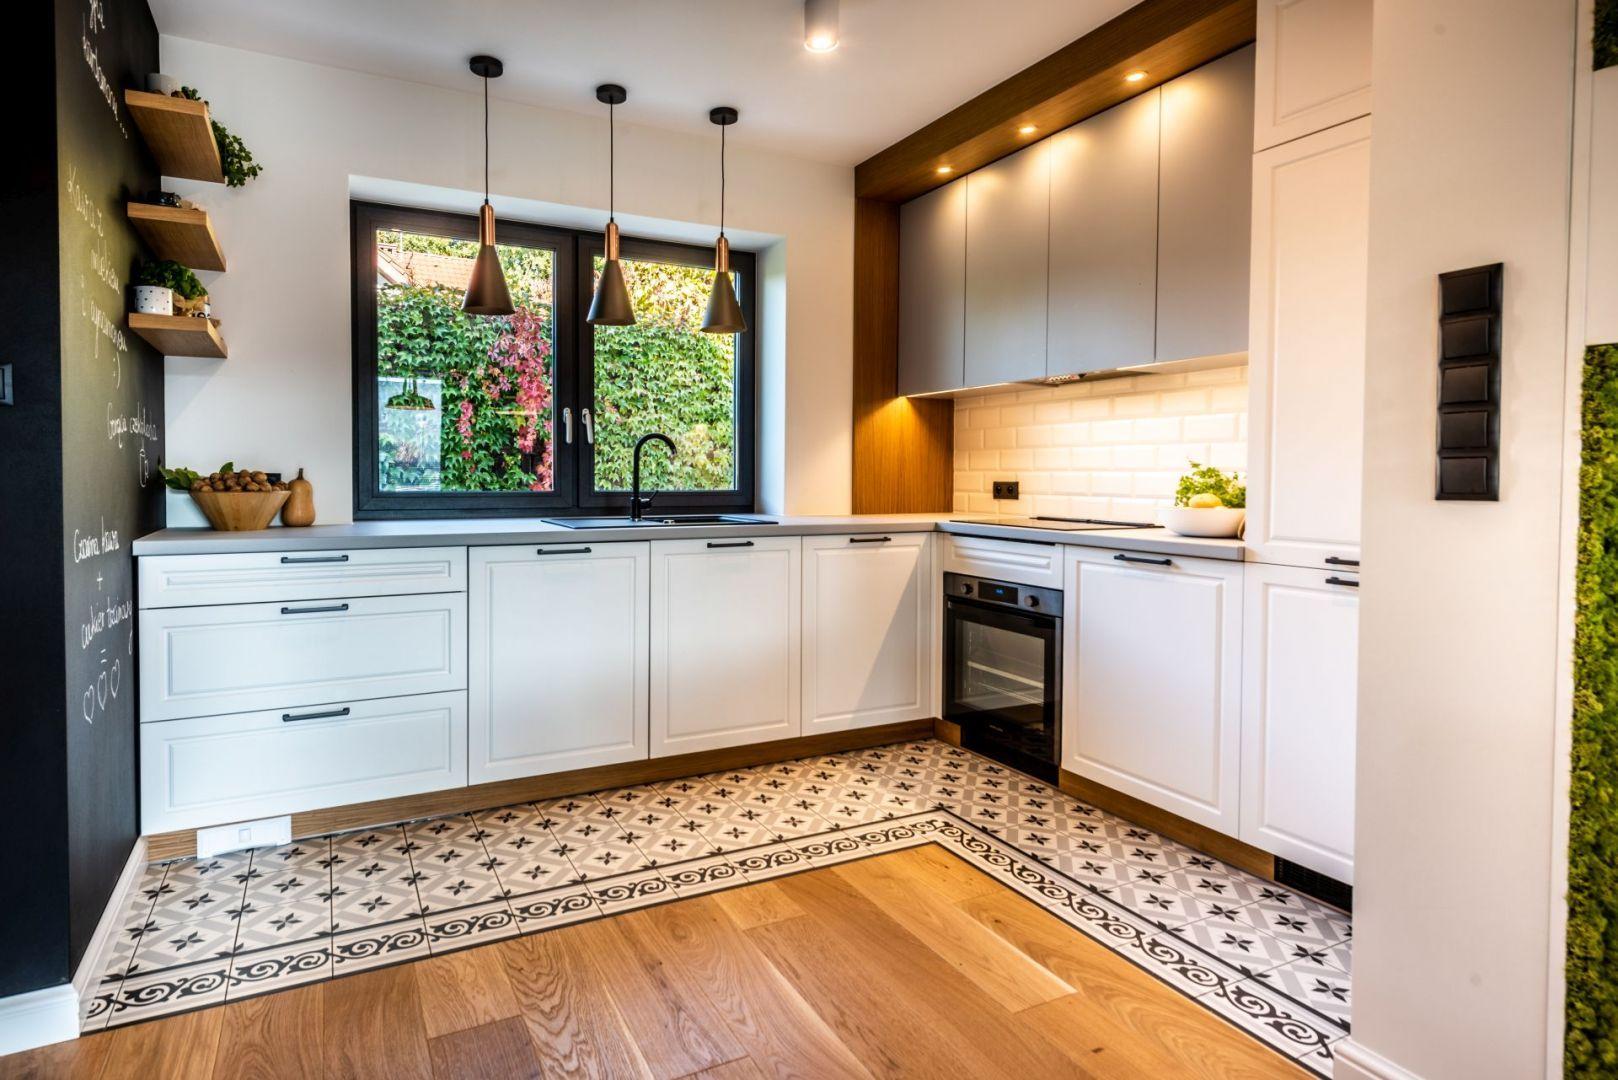 2 ton küchenschrank ideen przestrzeń kuchni i jadalni wyznacza podłoga wyłożona pięknymi